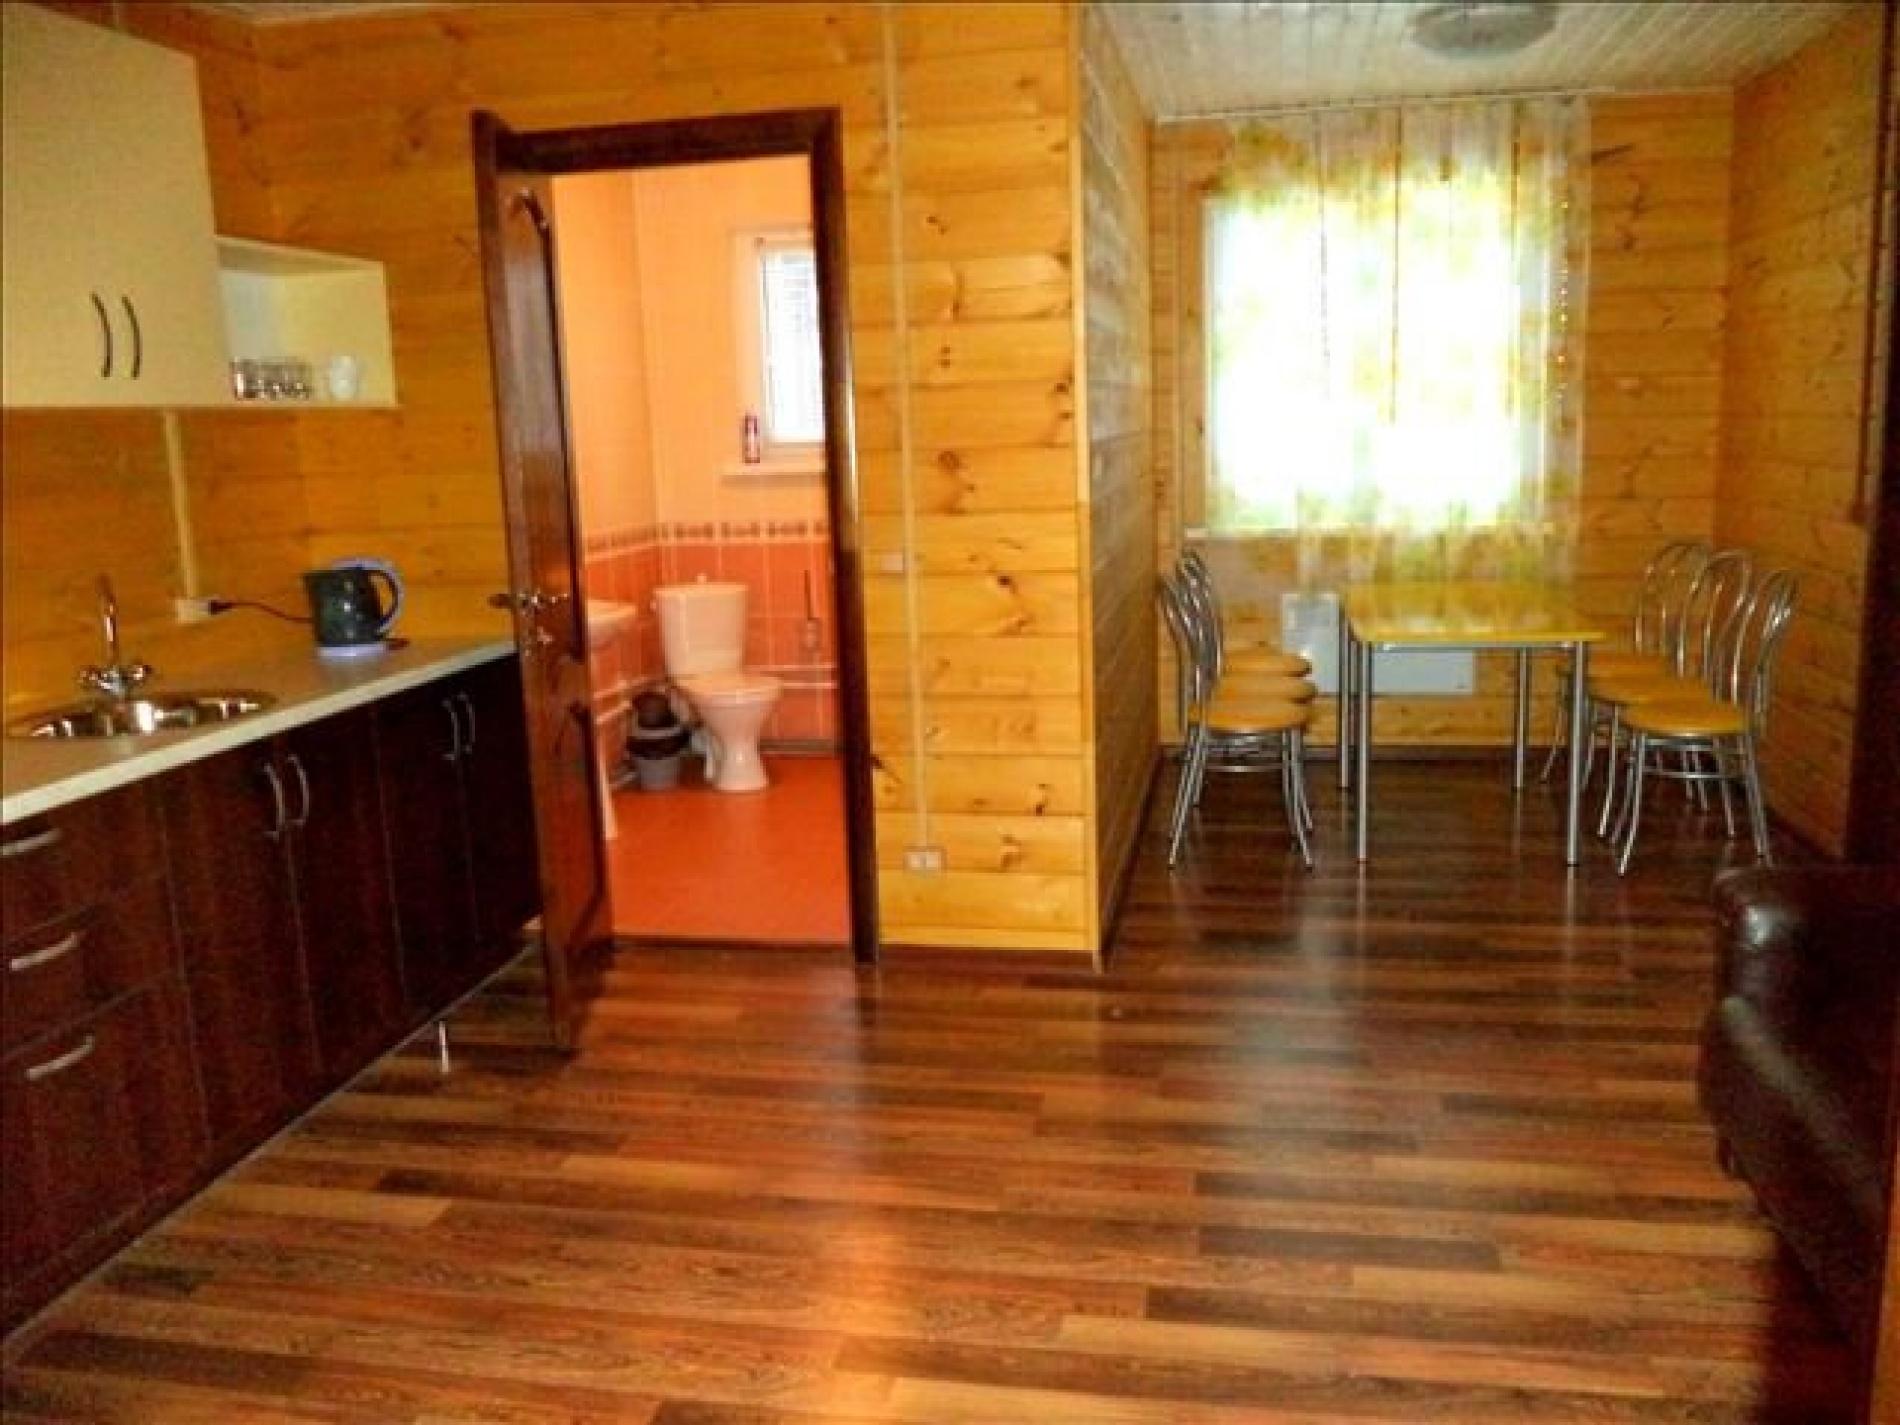 База отдыха «Стёпаново» Вологодская область Номер в Доме № 19, 20, 21, 22, 23 24, фото 4